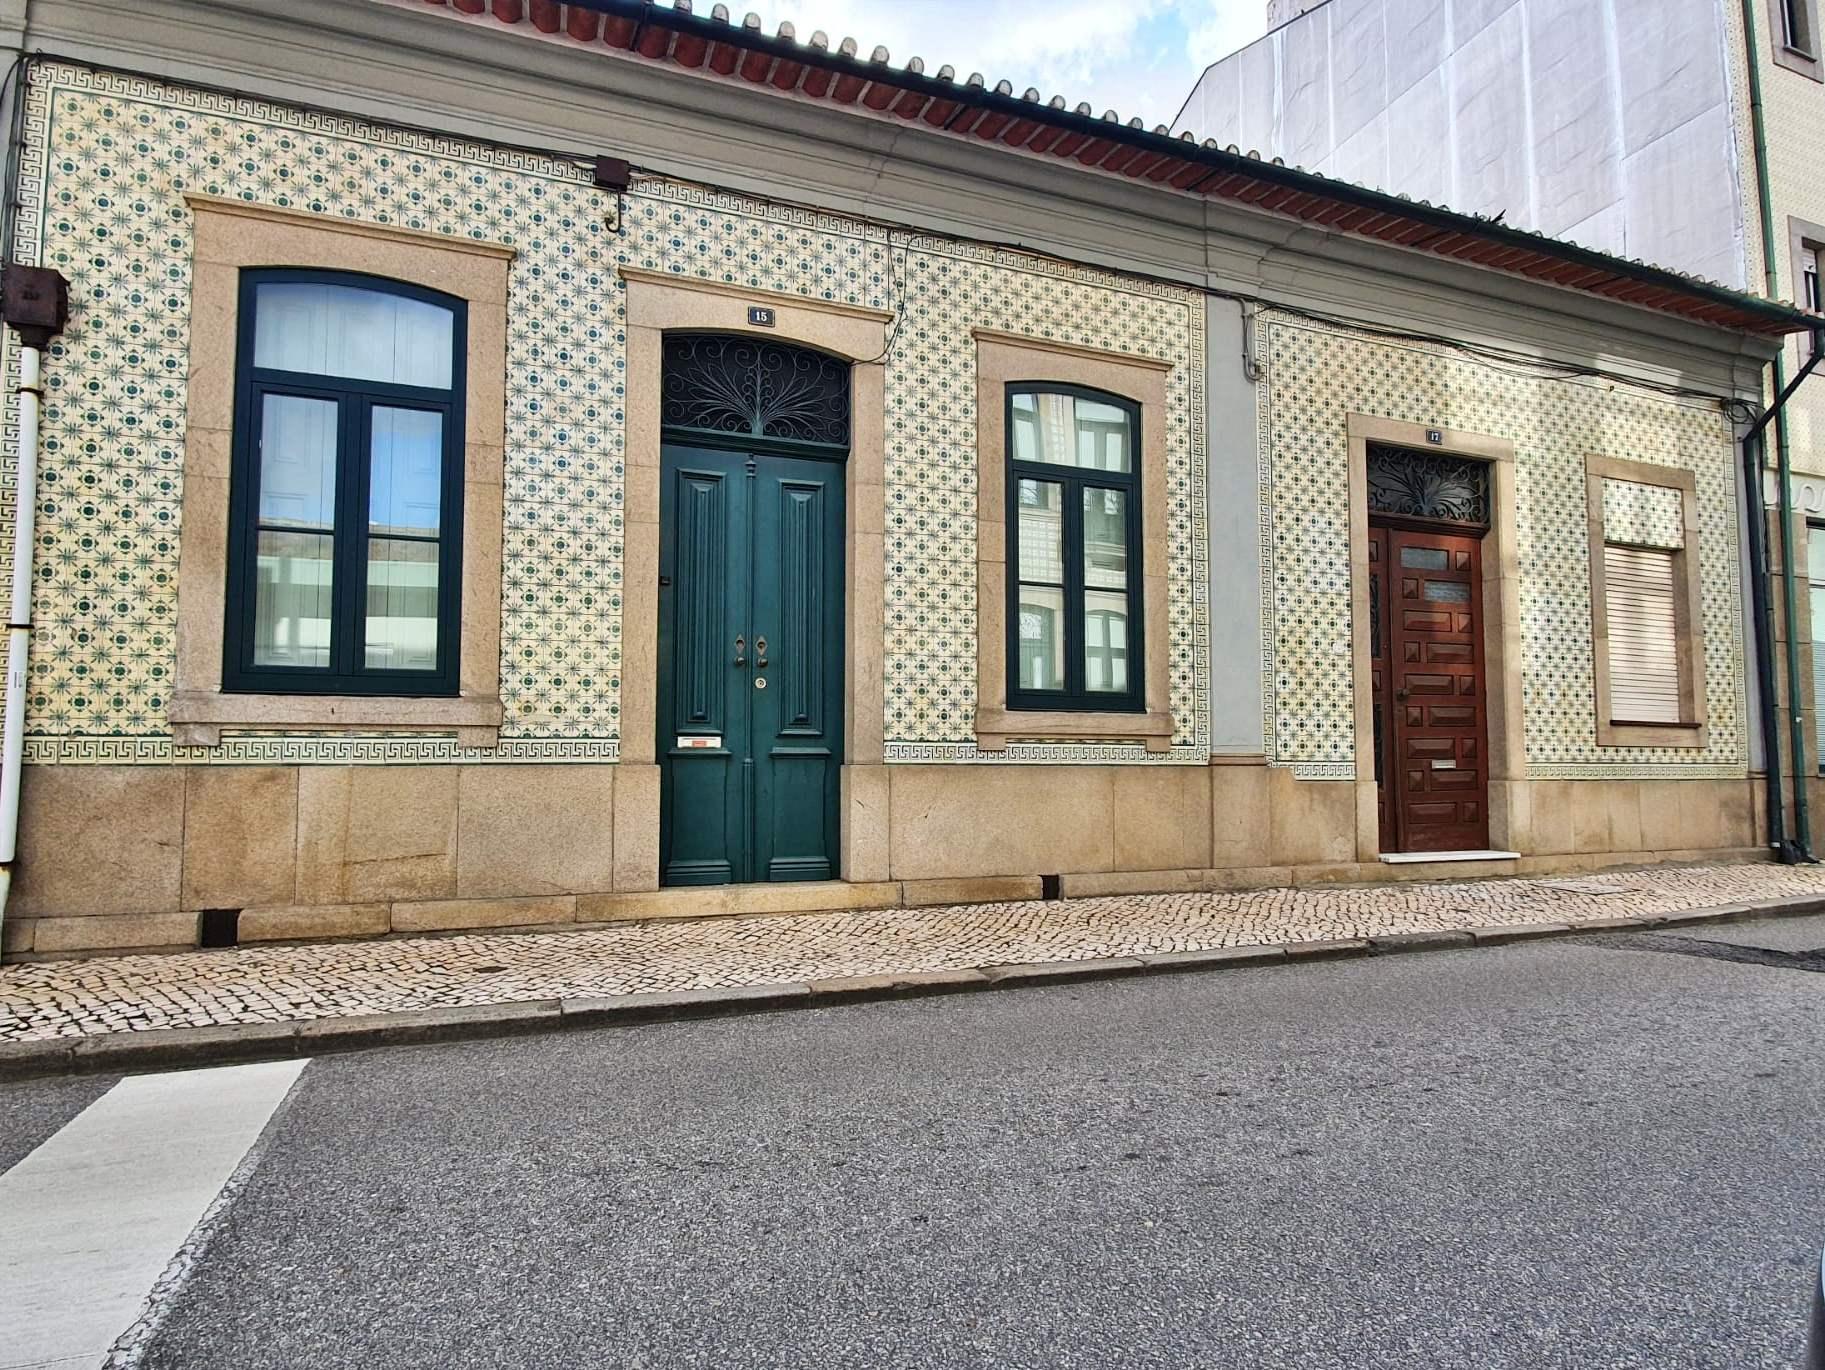 Fachada das moradias, em azulejo, típico da cidade de Ovar